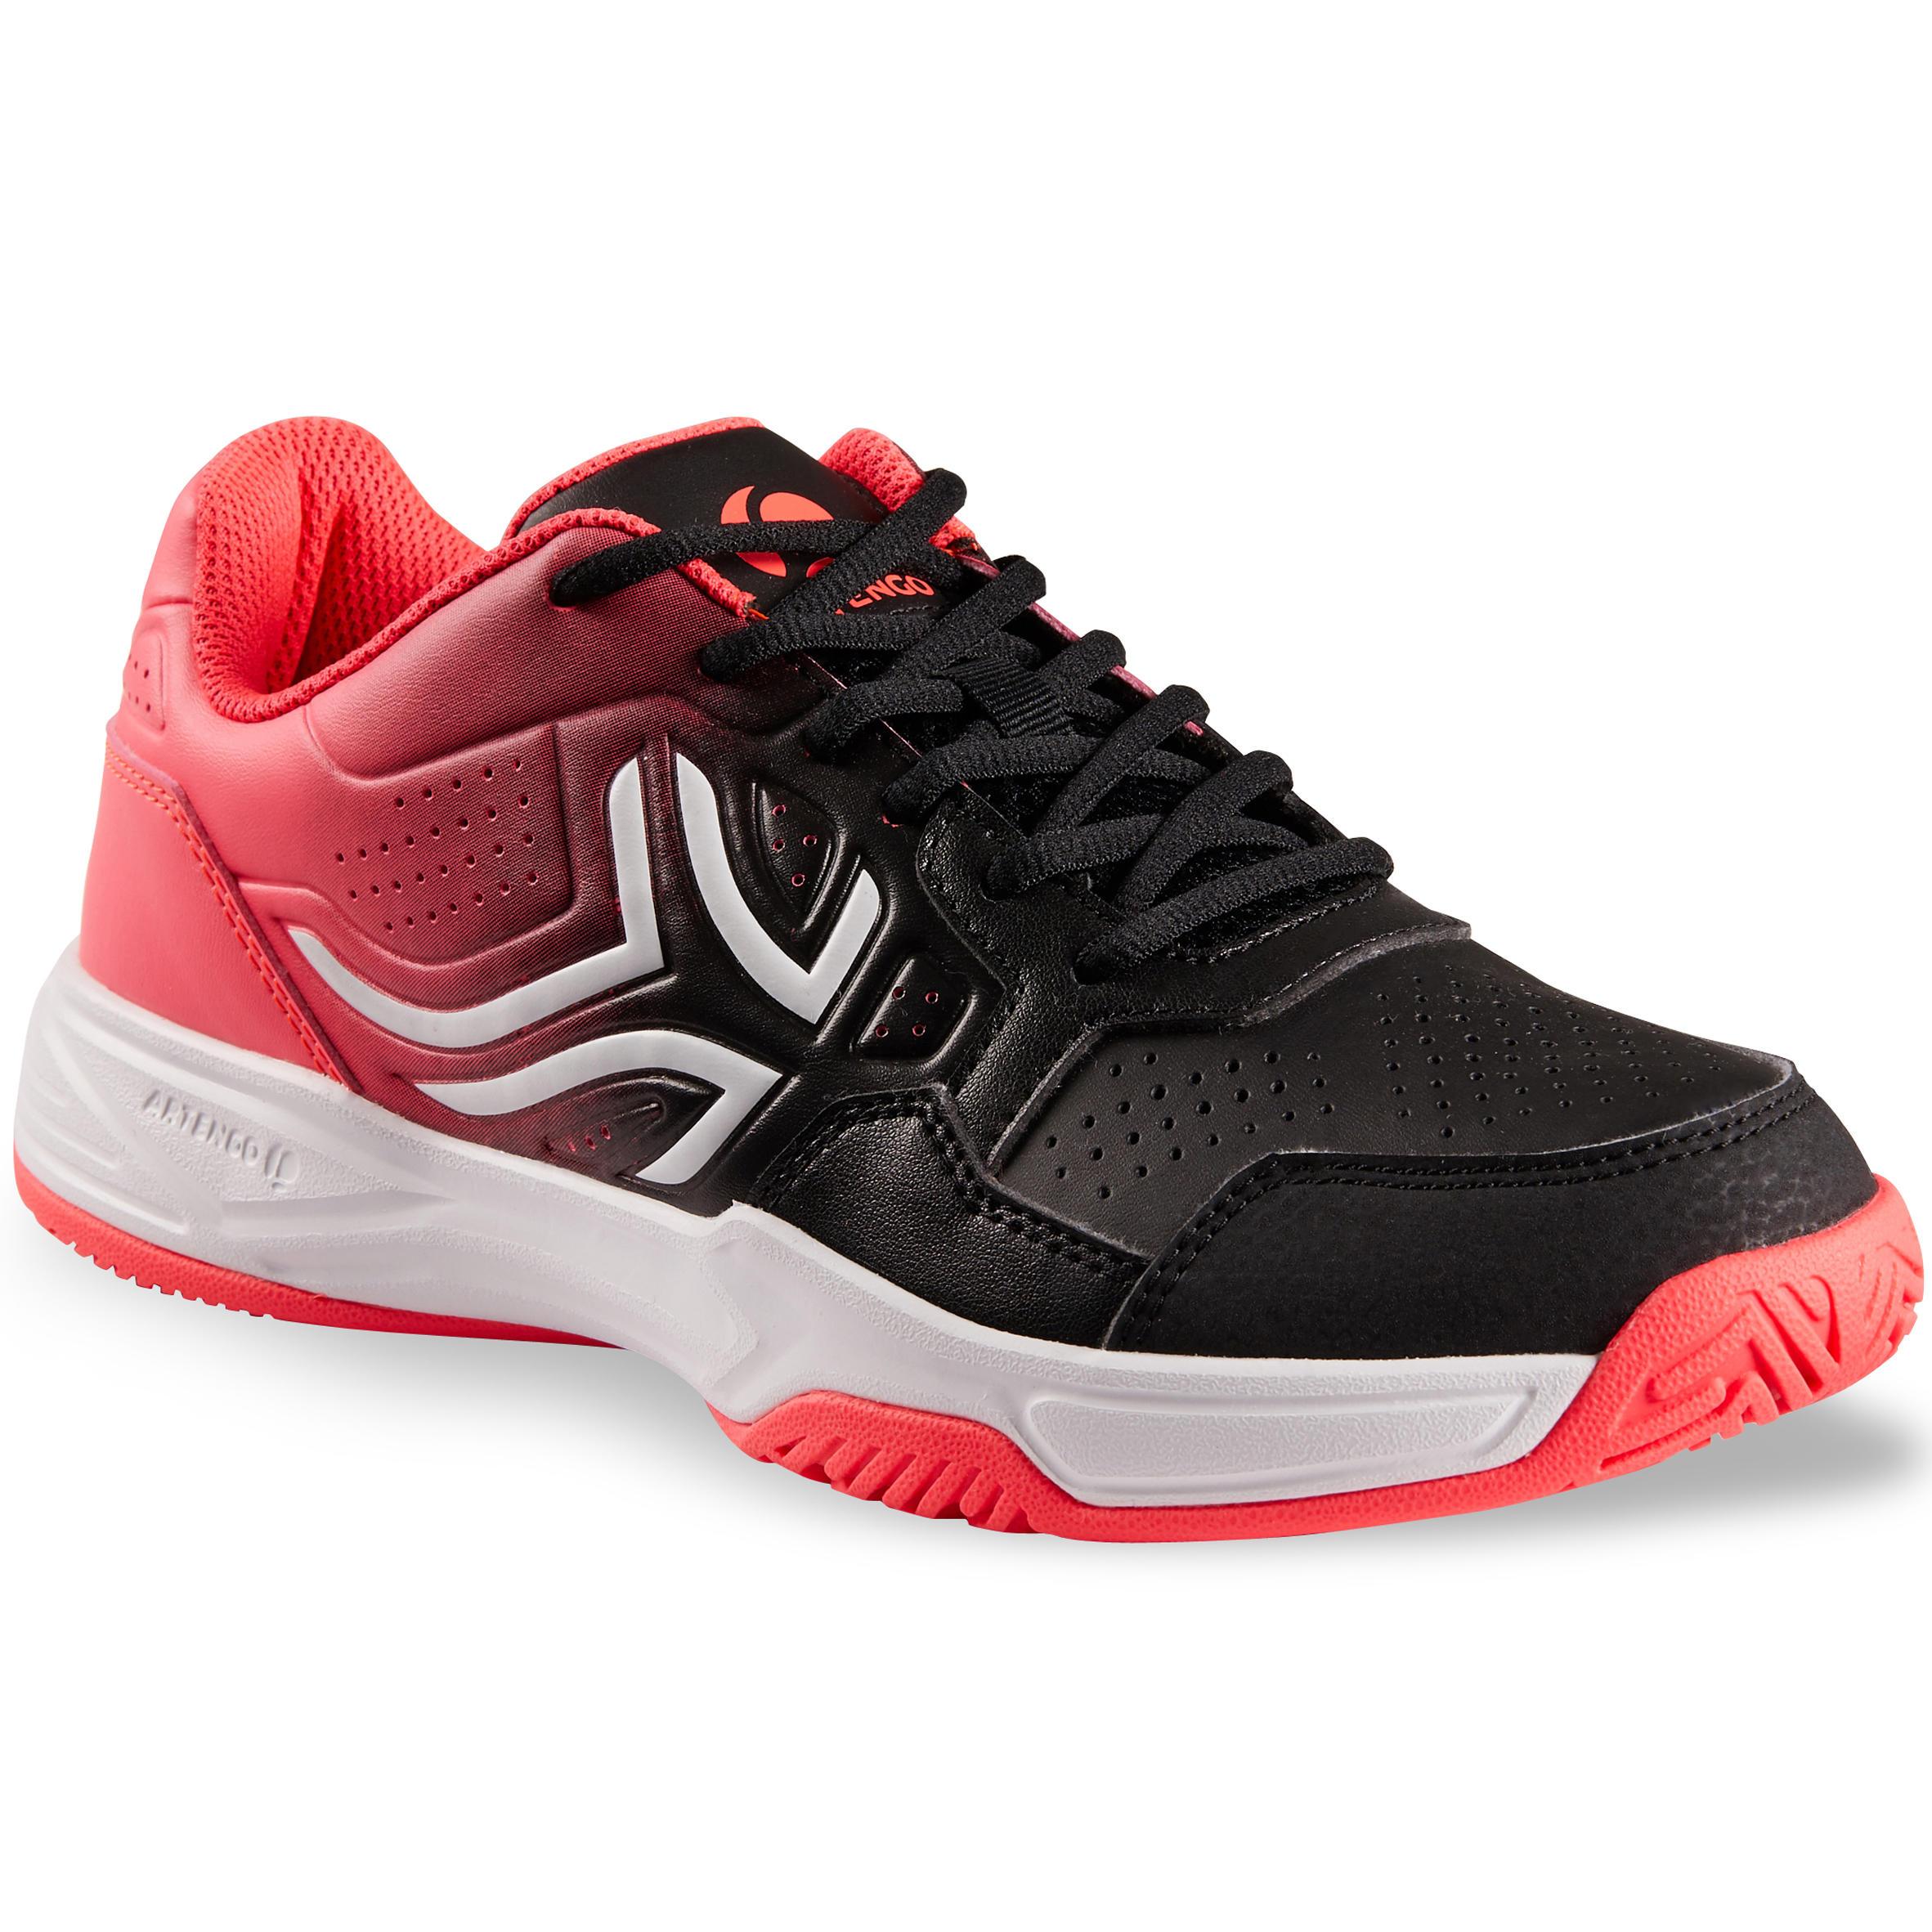 Artengo Tennisschoenen voor dames TS 190 zwart roze